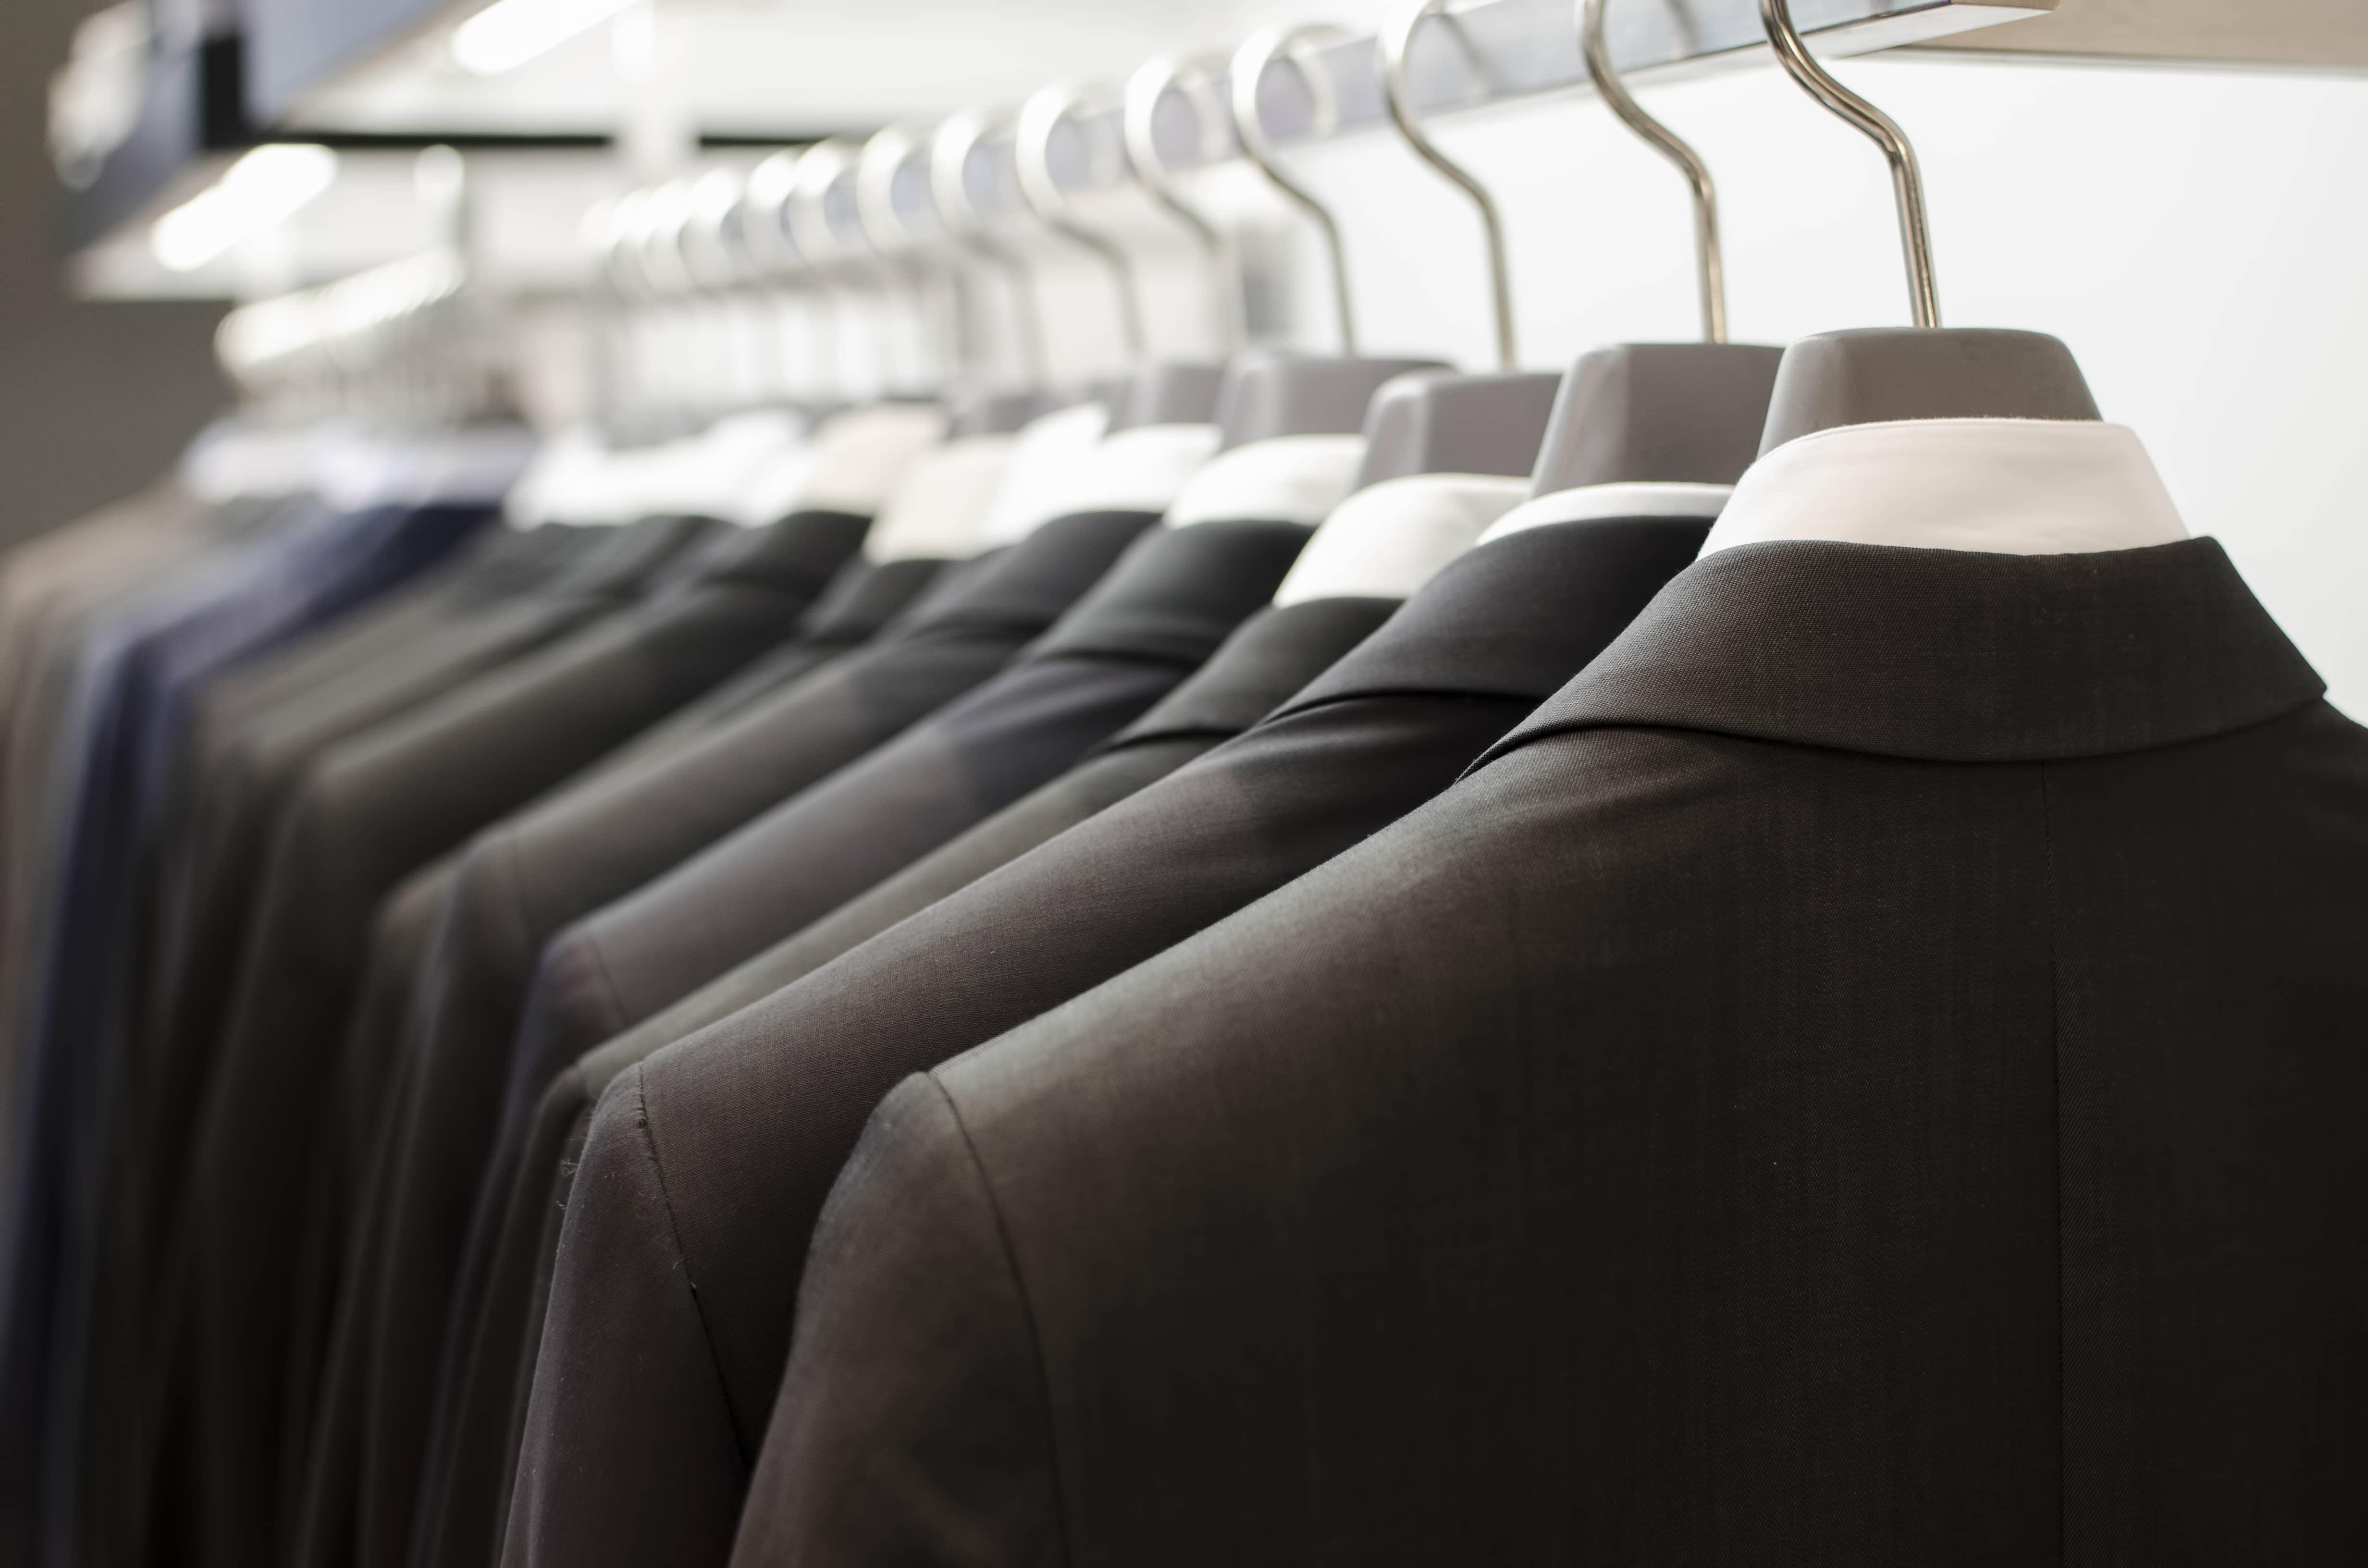 Evaluer la qualité d'un vêtement